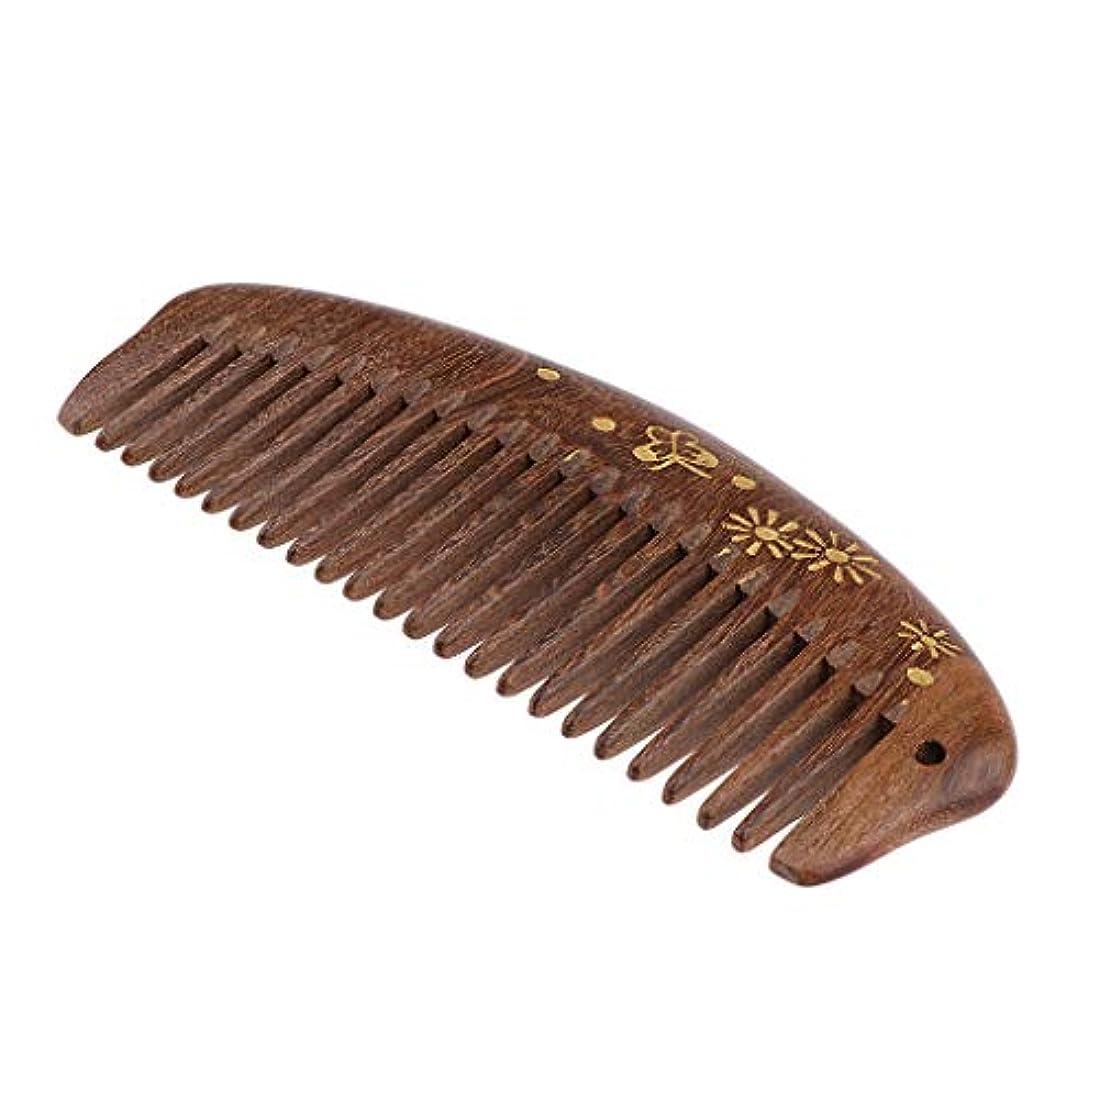 無傷誘導工夫する帯電防止櫛 ウッドコーム 櫛 頭皮マッサージ 携帯便利 3仕様選べ - 中歯